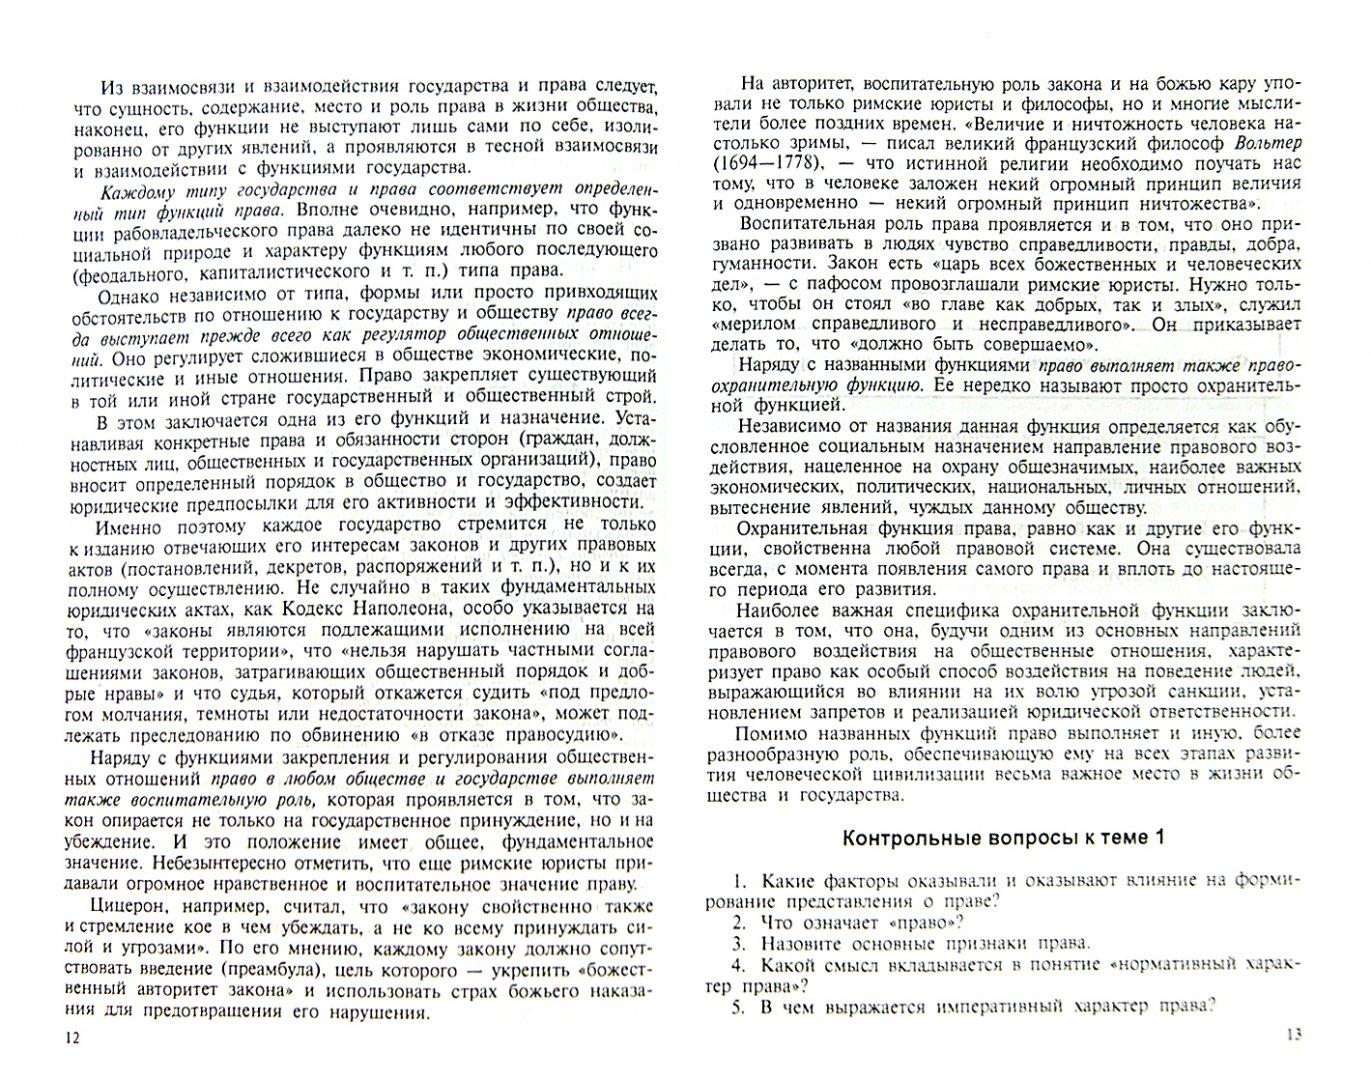 Иллюстрация 1 из 14 для Основы права. Учебник - Марченко, Дерябина | Лабиринт - книги. Источник: Лабиринт